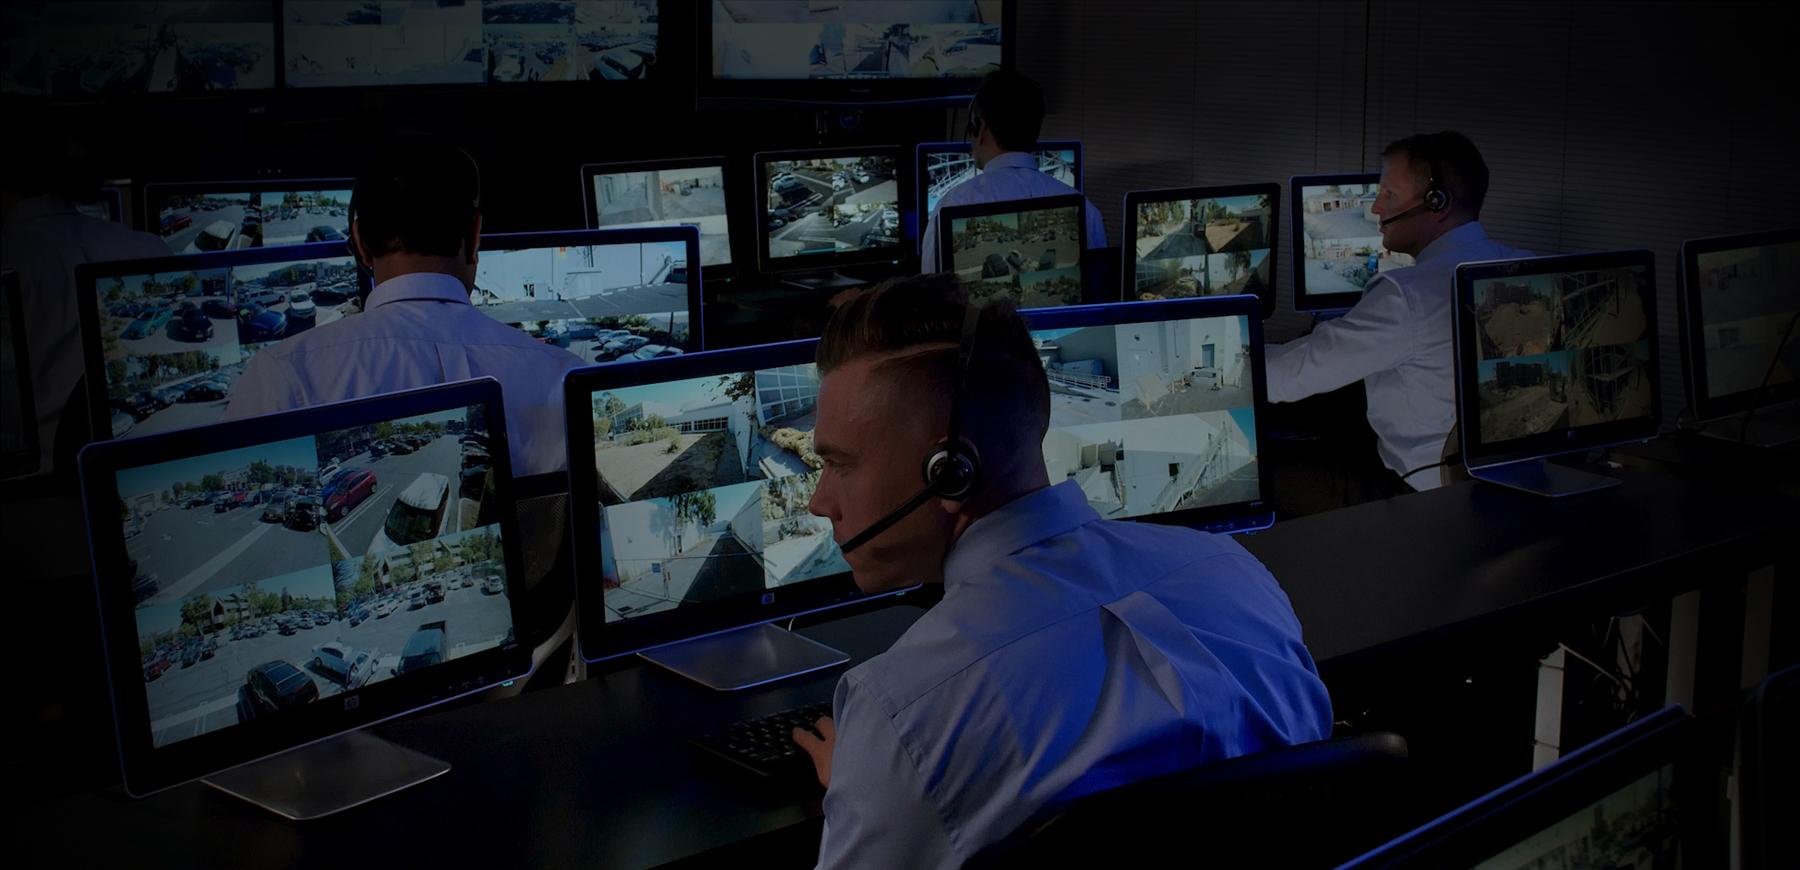 CCTV Video Surveillance for Medical Facilities in LA